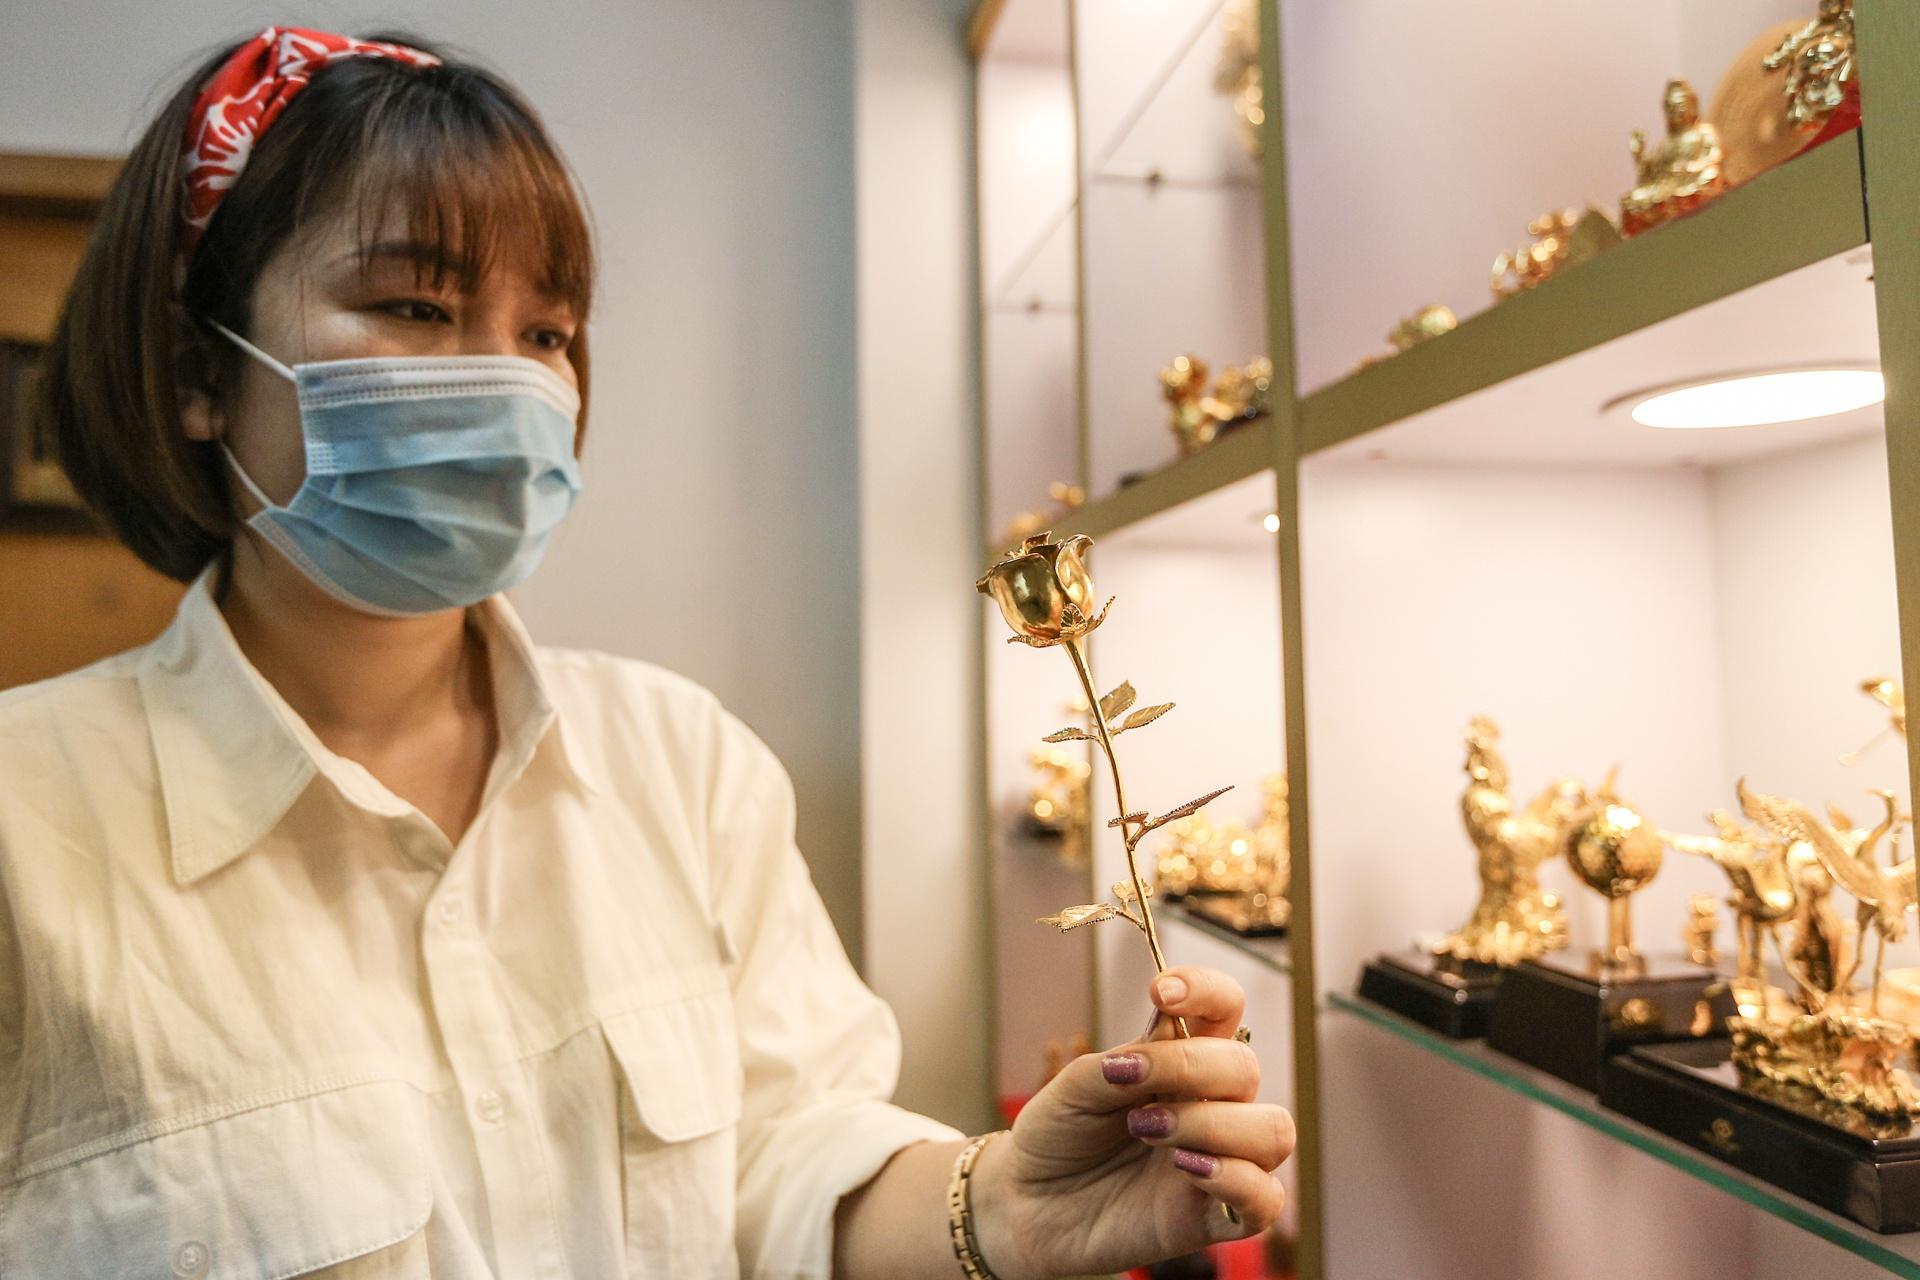 Hoa mạ vàng tiền triệu ngập tràn thị trường quà tặng ngày 8/3 - Ảnh 4.